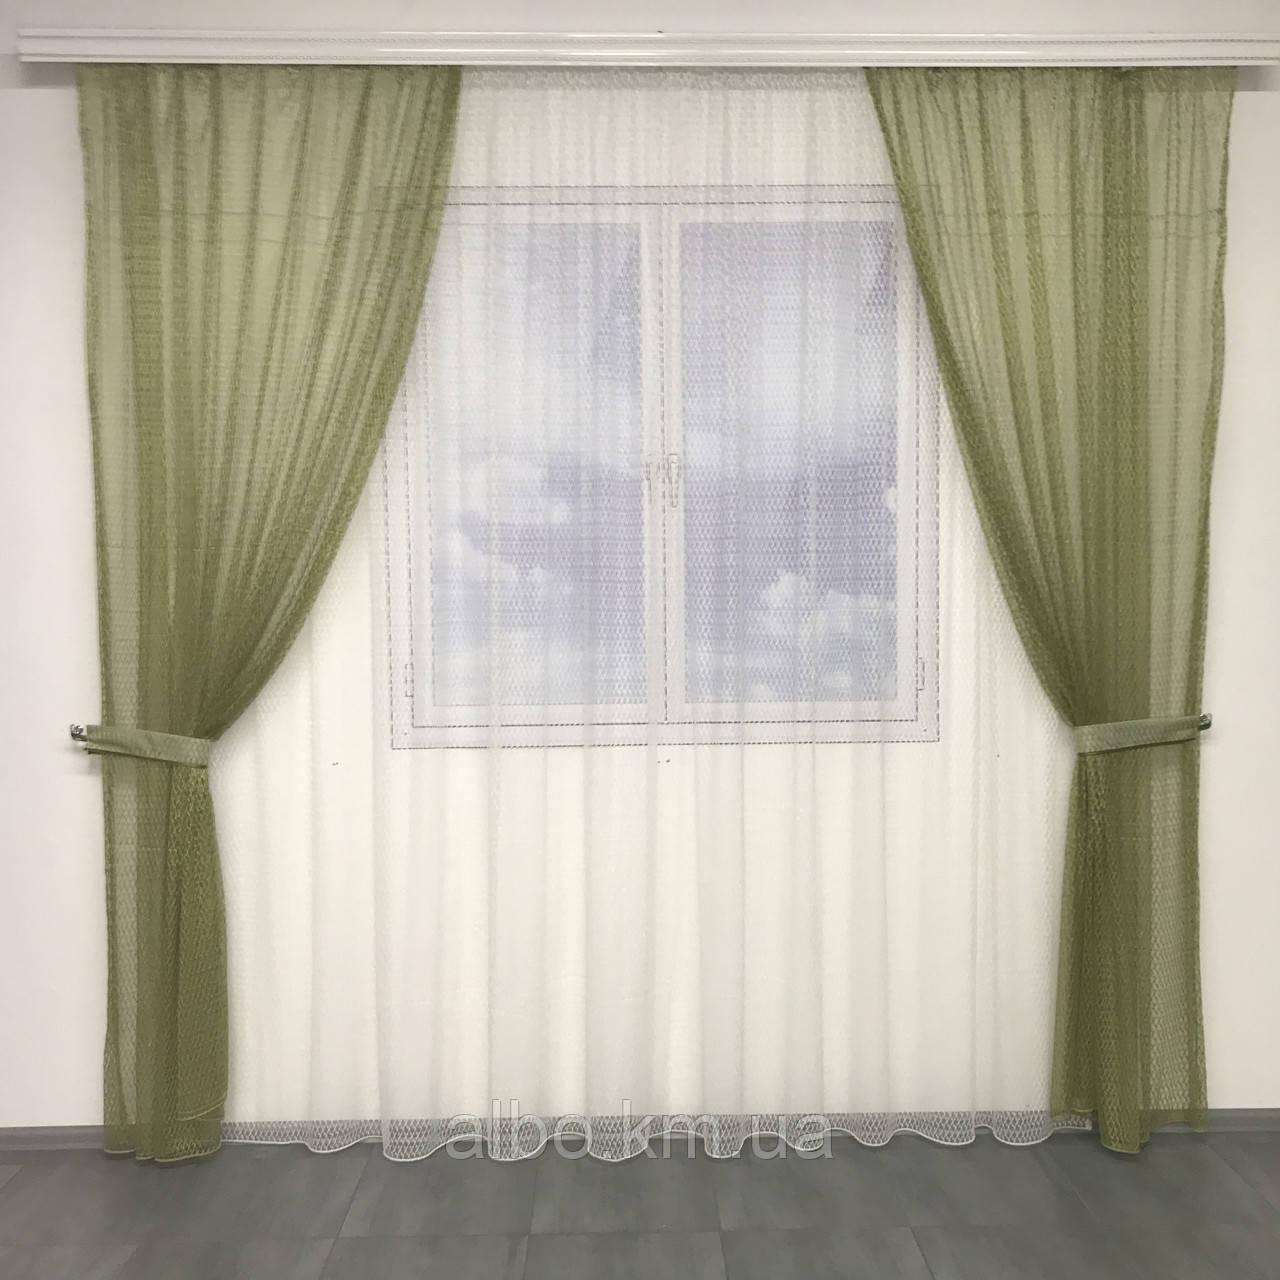 Кухонні штори з сітки, комплект штор з тюлем для залу спальні кімнати, штори з сітки в кухню хол зал кабінет 200x270 cm (2 шт) і